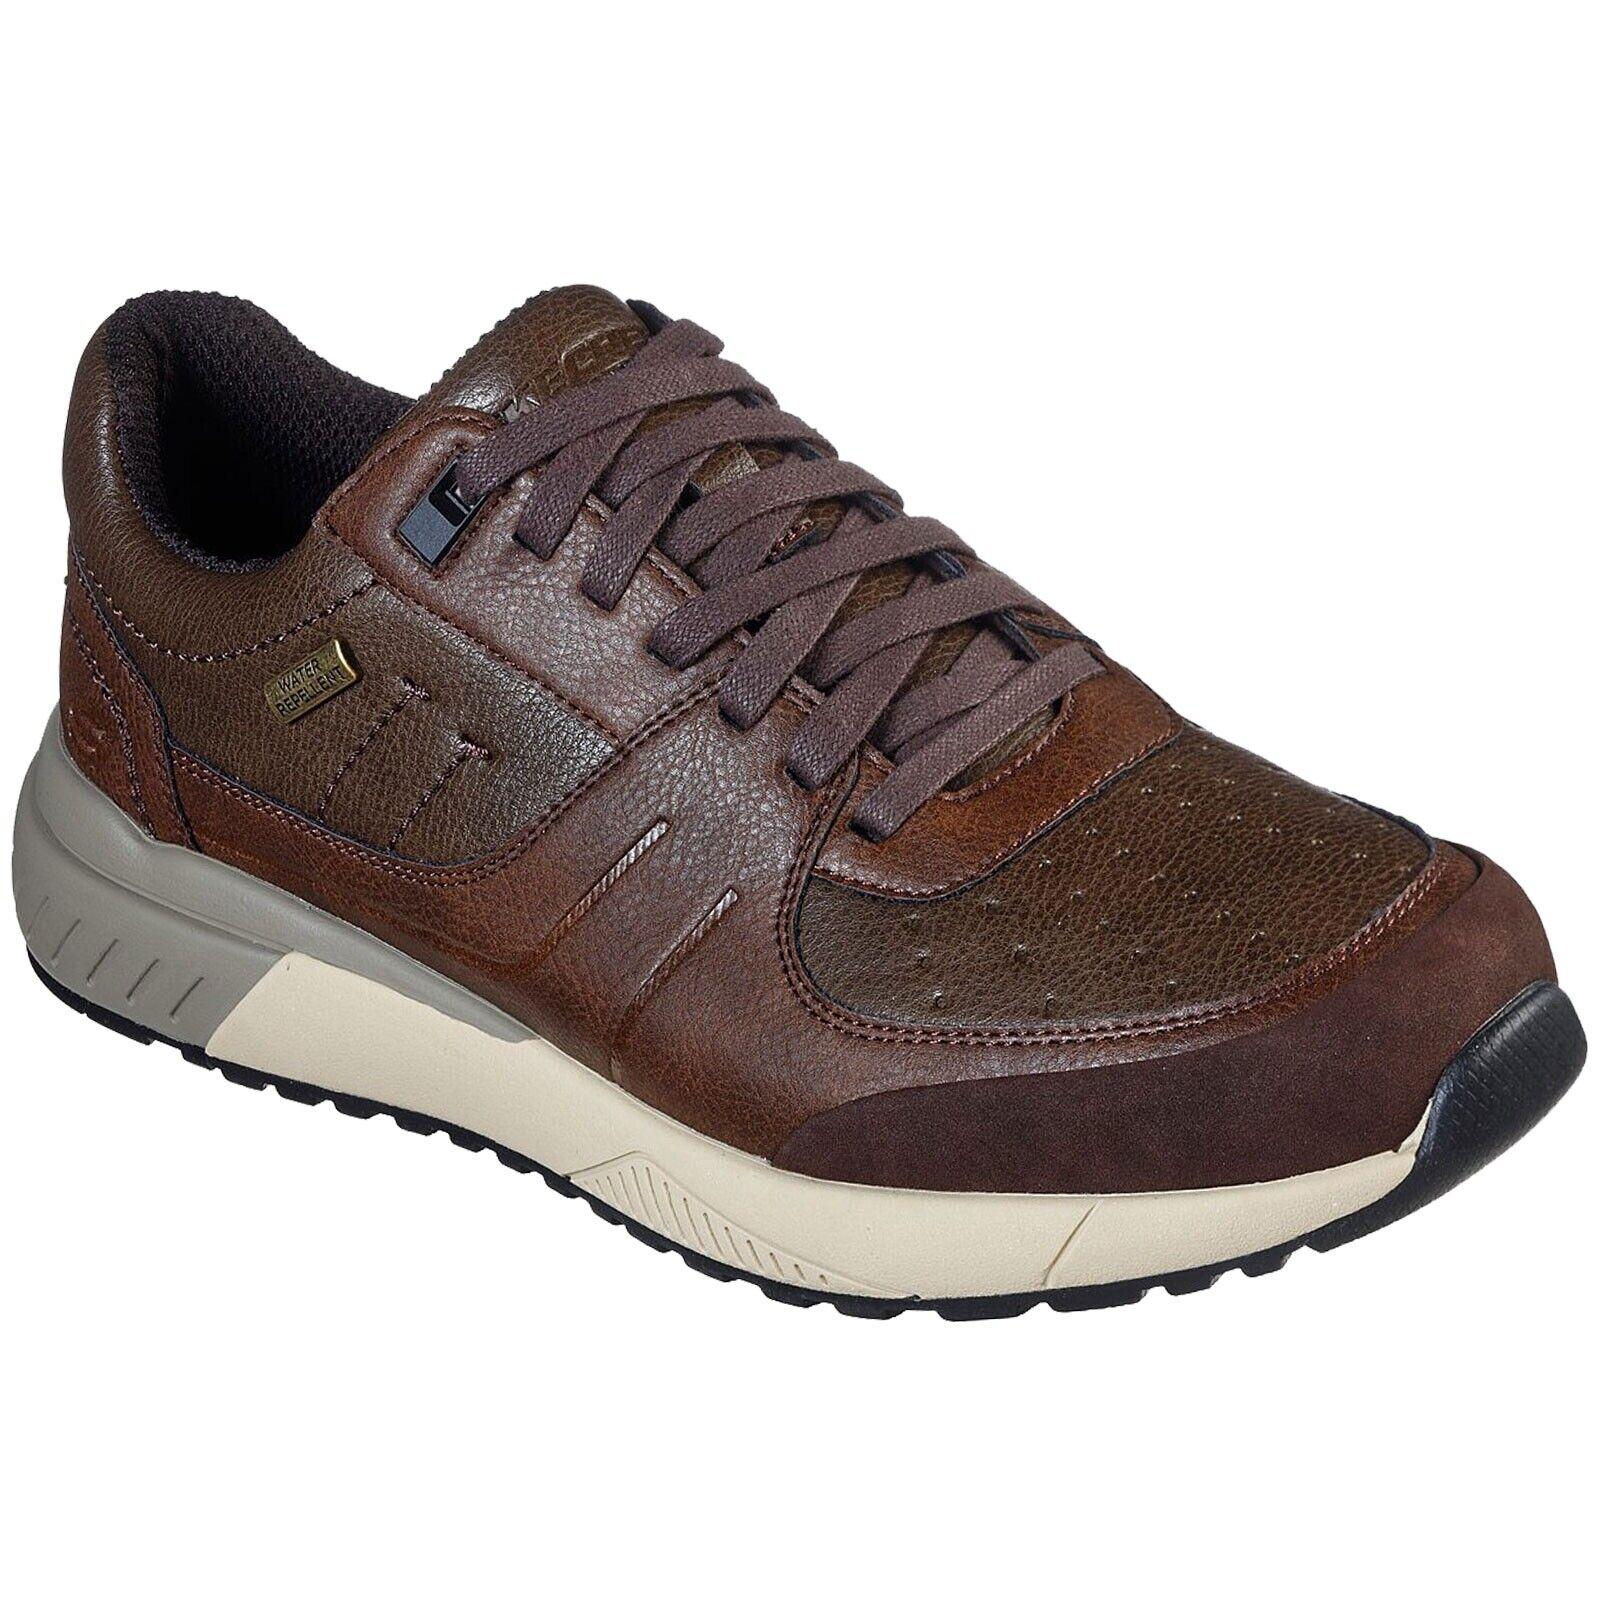 Hombres Skechers ferrano neres, tampones de memoria impermeable Color marrón 66 398   BRN